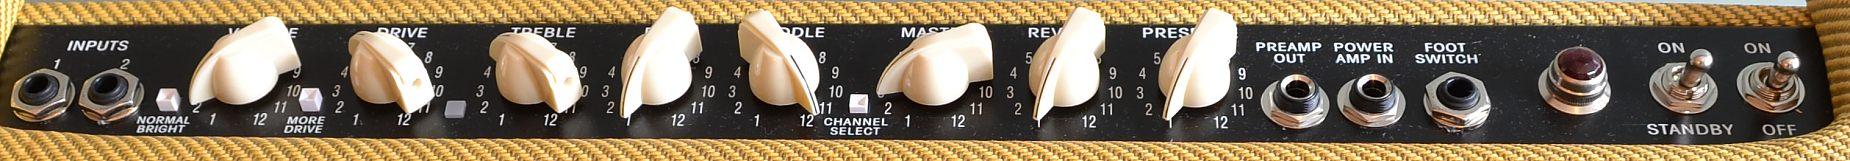 Fender Hot Rod Deluxe Iii Tweed Fender Hot Rod Deluxe Iii